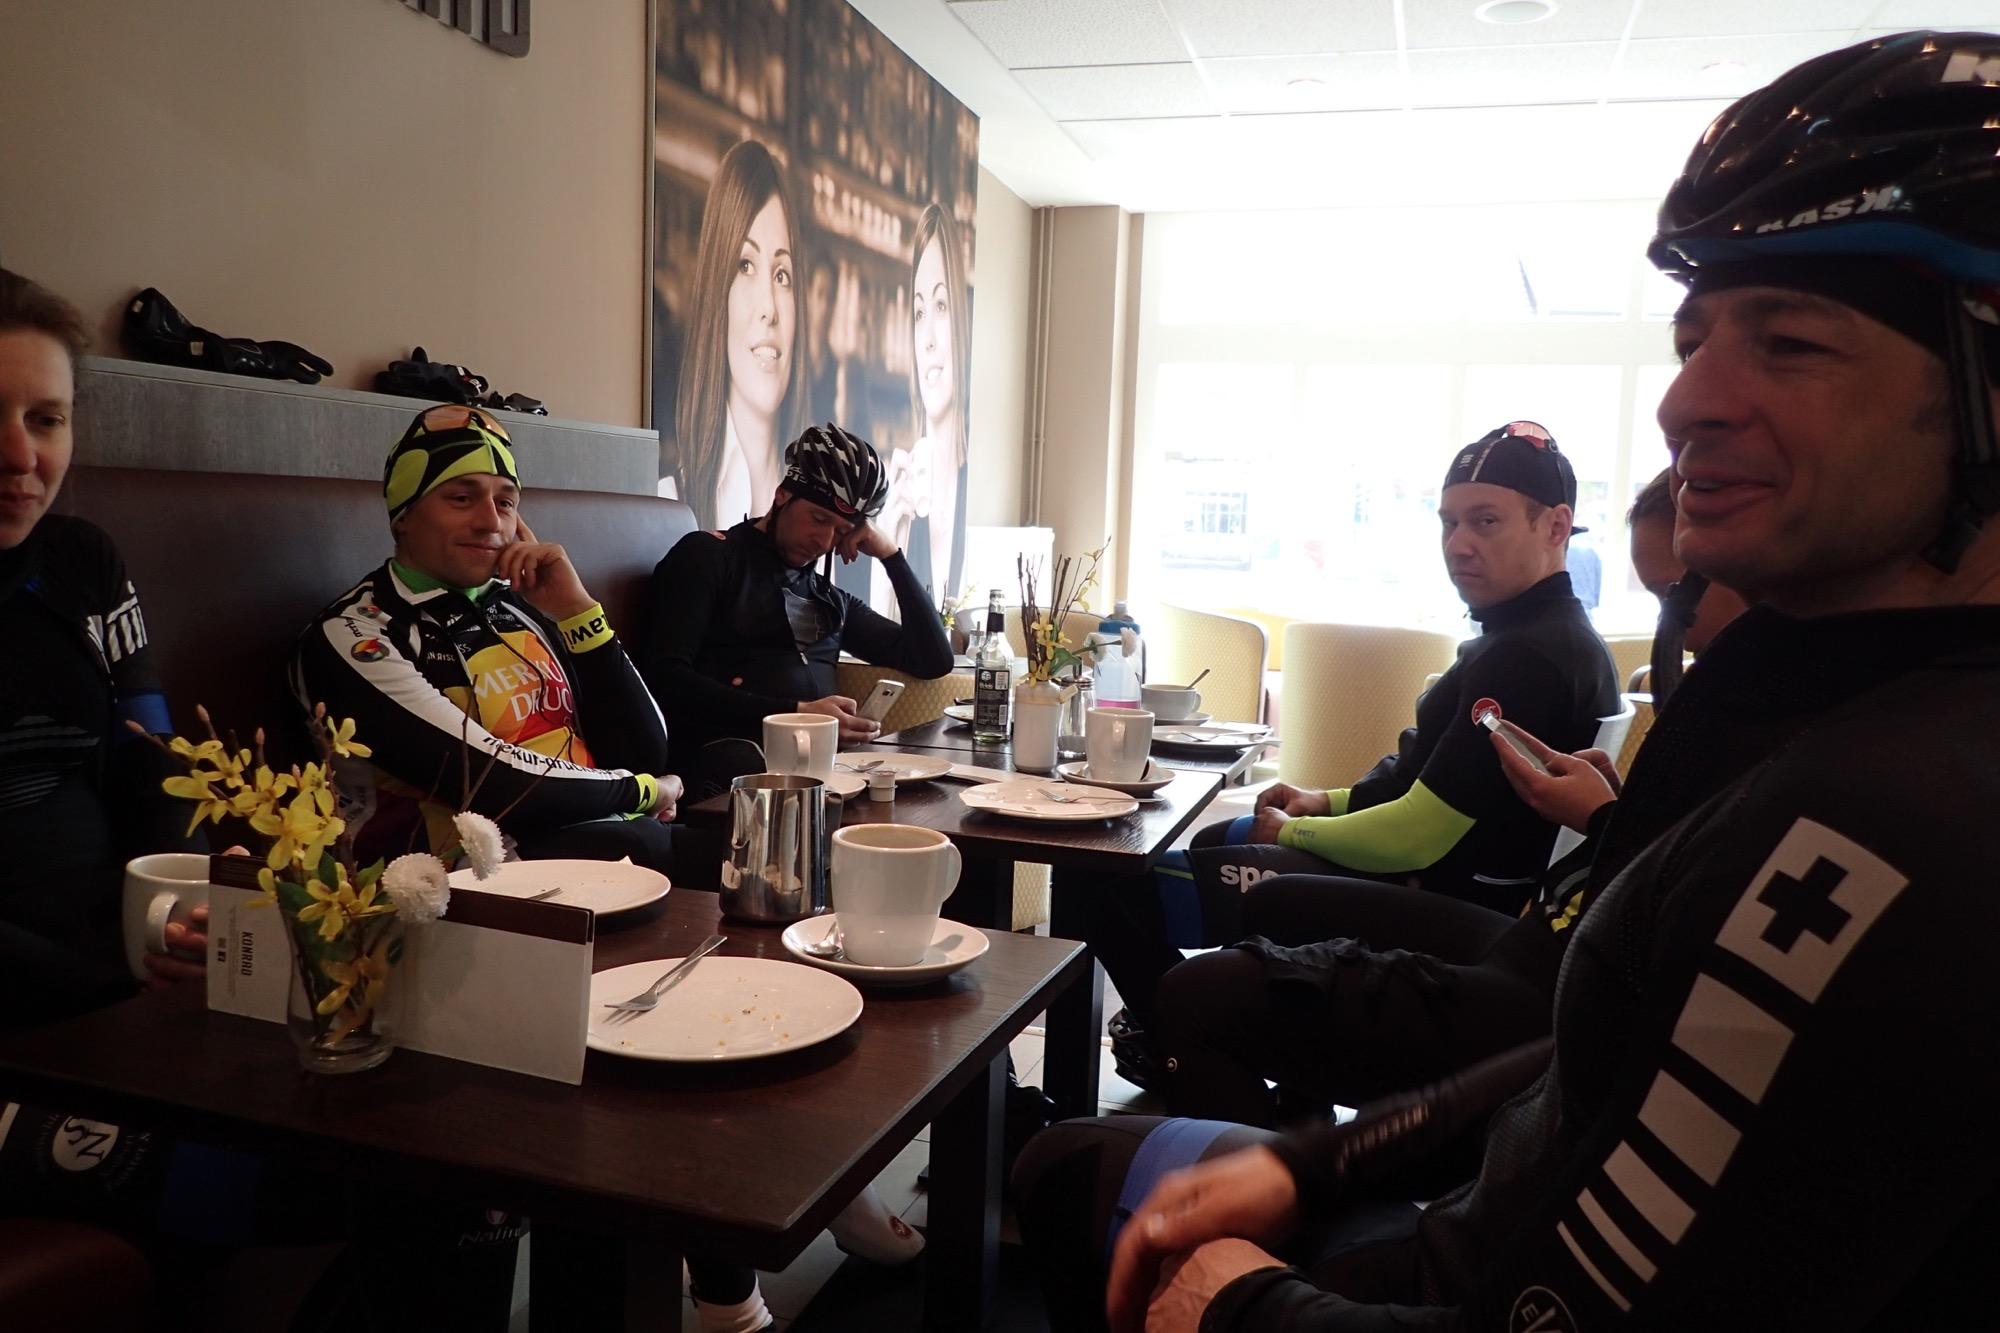 Kaffee und Kuchen bei Conrad in Trebbin